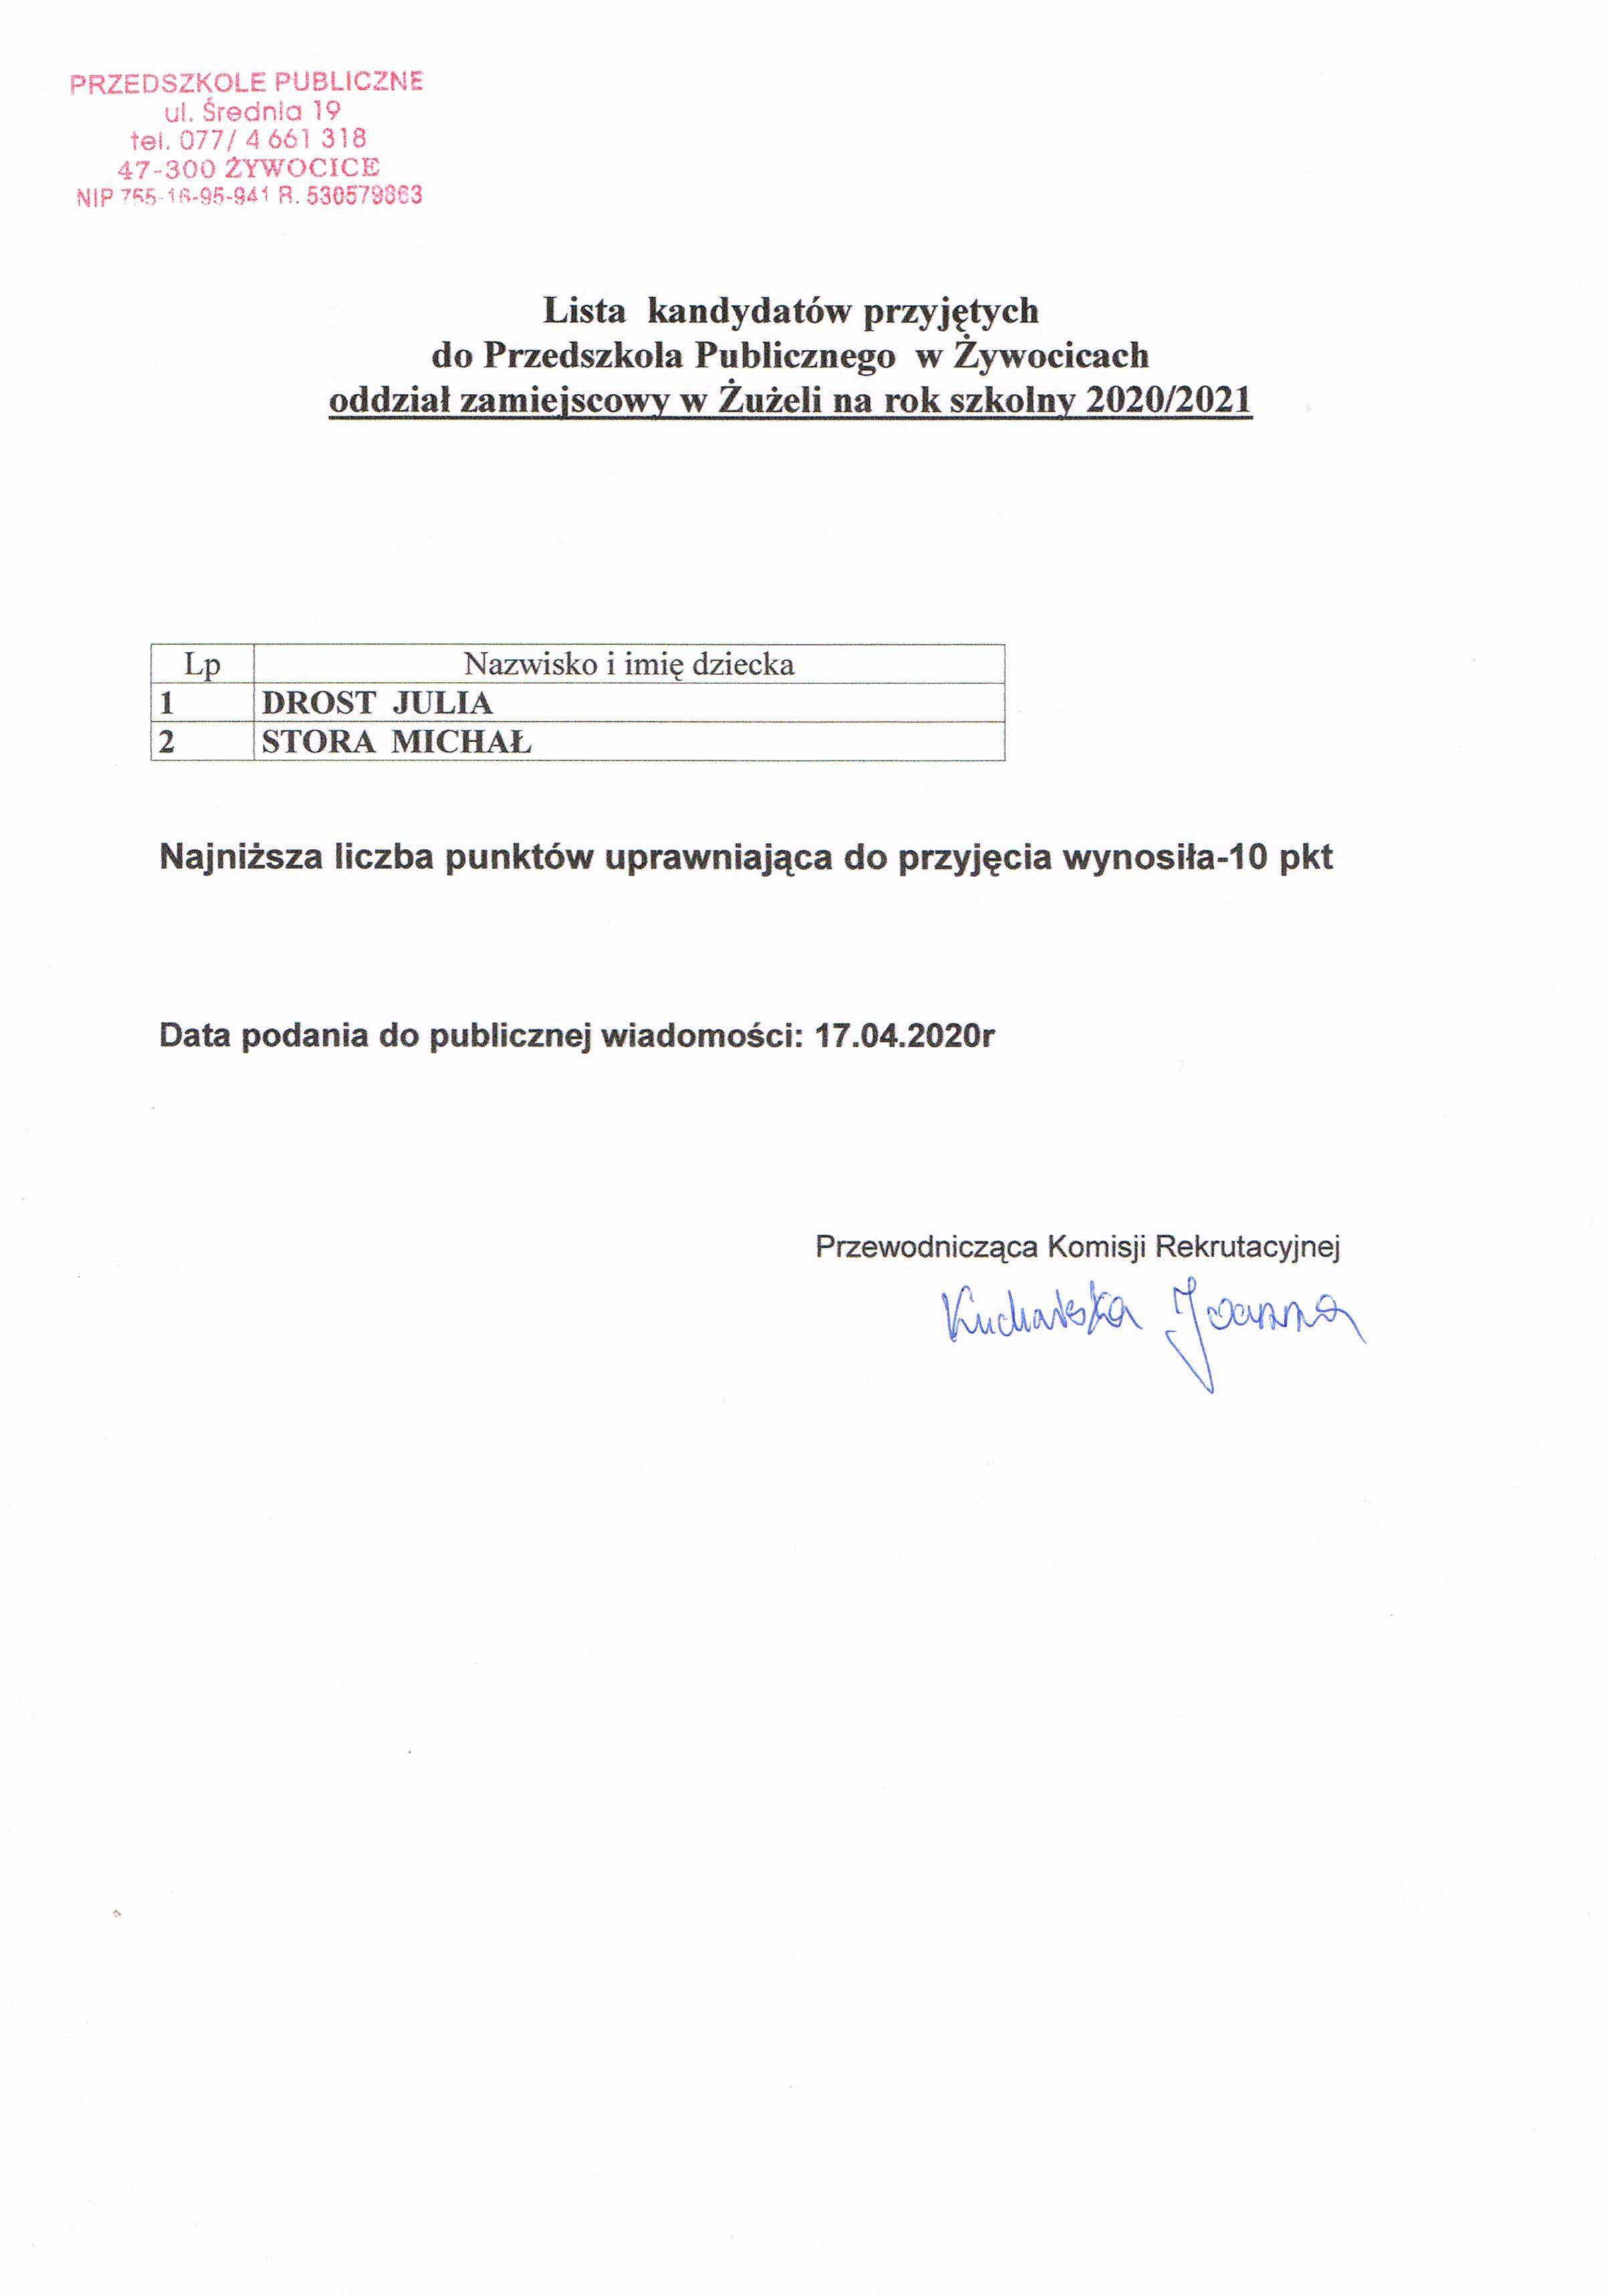 Kandydaci przyjęci PP Żywocice oddział Żużela.jpeg